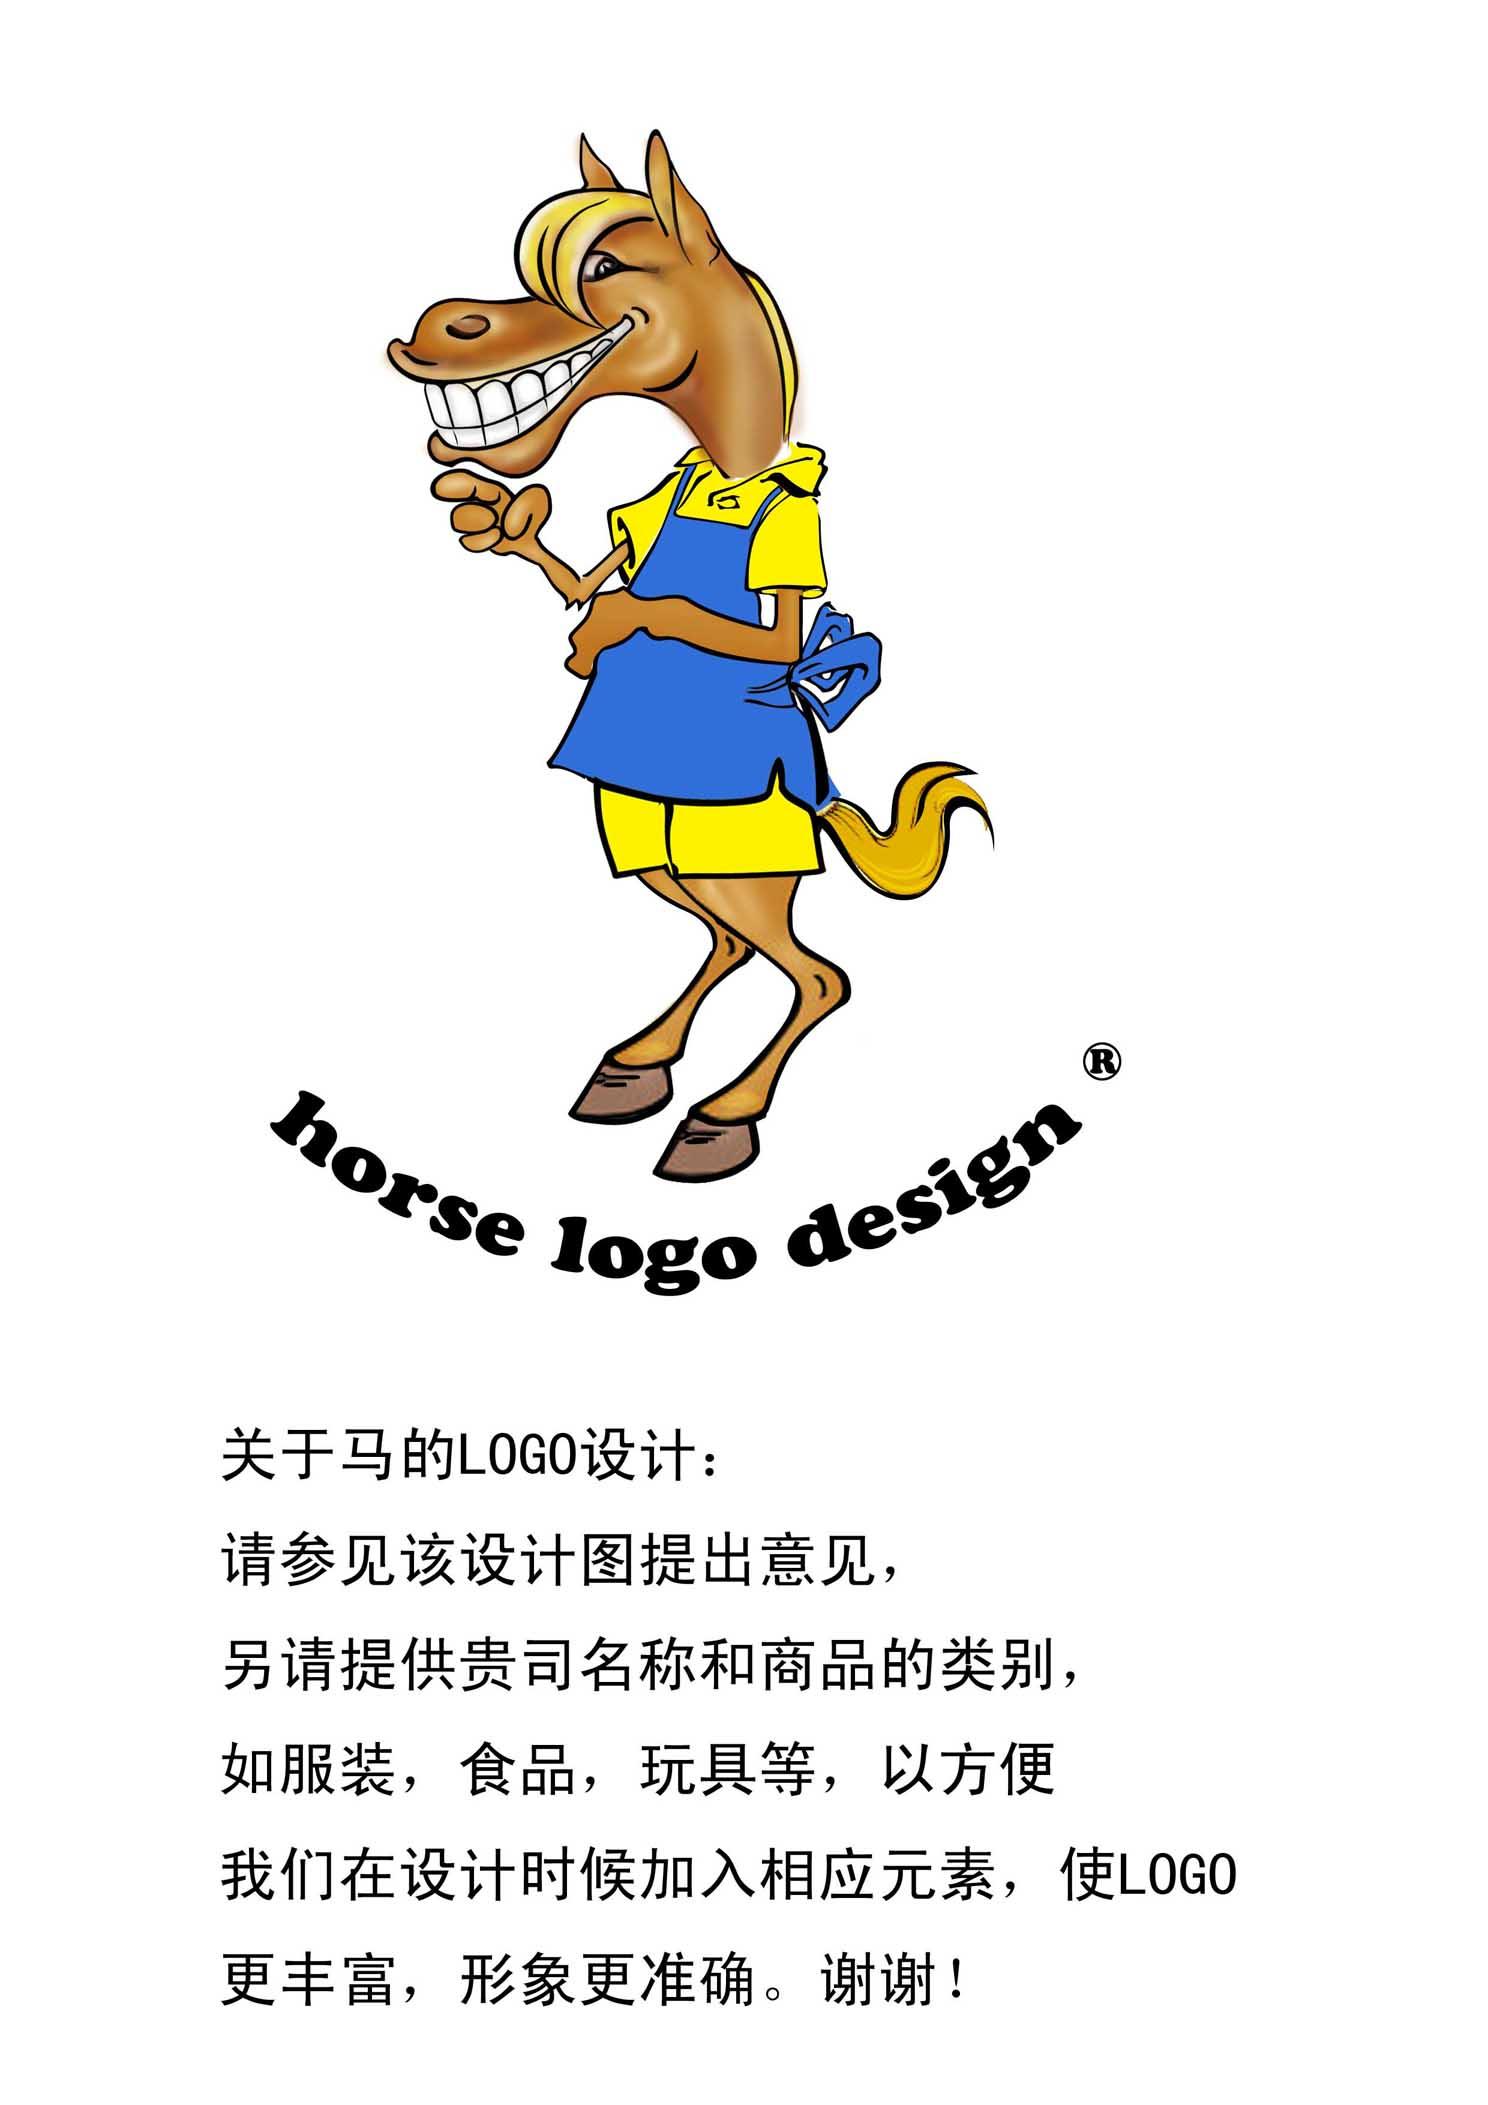 此形象设计拟人化,以可爱的人形加以鼹鼠的元素,比如鼻子,牙齿,耳朵。 以下是设计过程 这是设计比较多的几个方案草图,包括延伸了一些表情和周边家族等  后来对主角的发型不太满意,还有形体不够可爱,又增加了几个发型设计的草图~,最终觉得第一排最右边最有特色,最有个性。~,体现鼹鼠坏坏的样子,同时又很可爱~  然后提取出来将表情和颜色做了几种尝试~  最终这个形象最满意,可爱,坏坏的,犹豫的眼神。